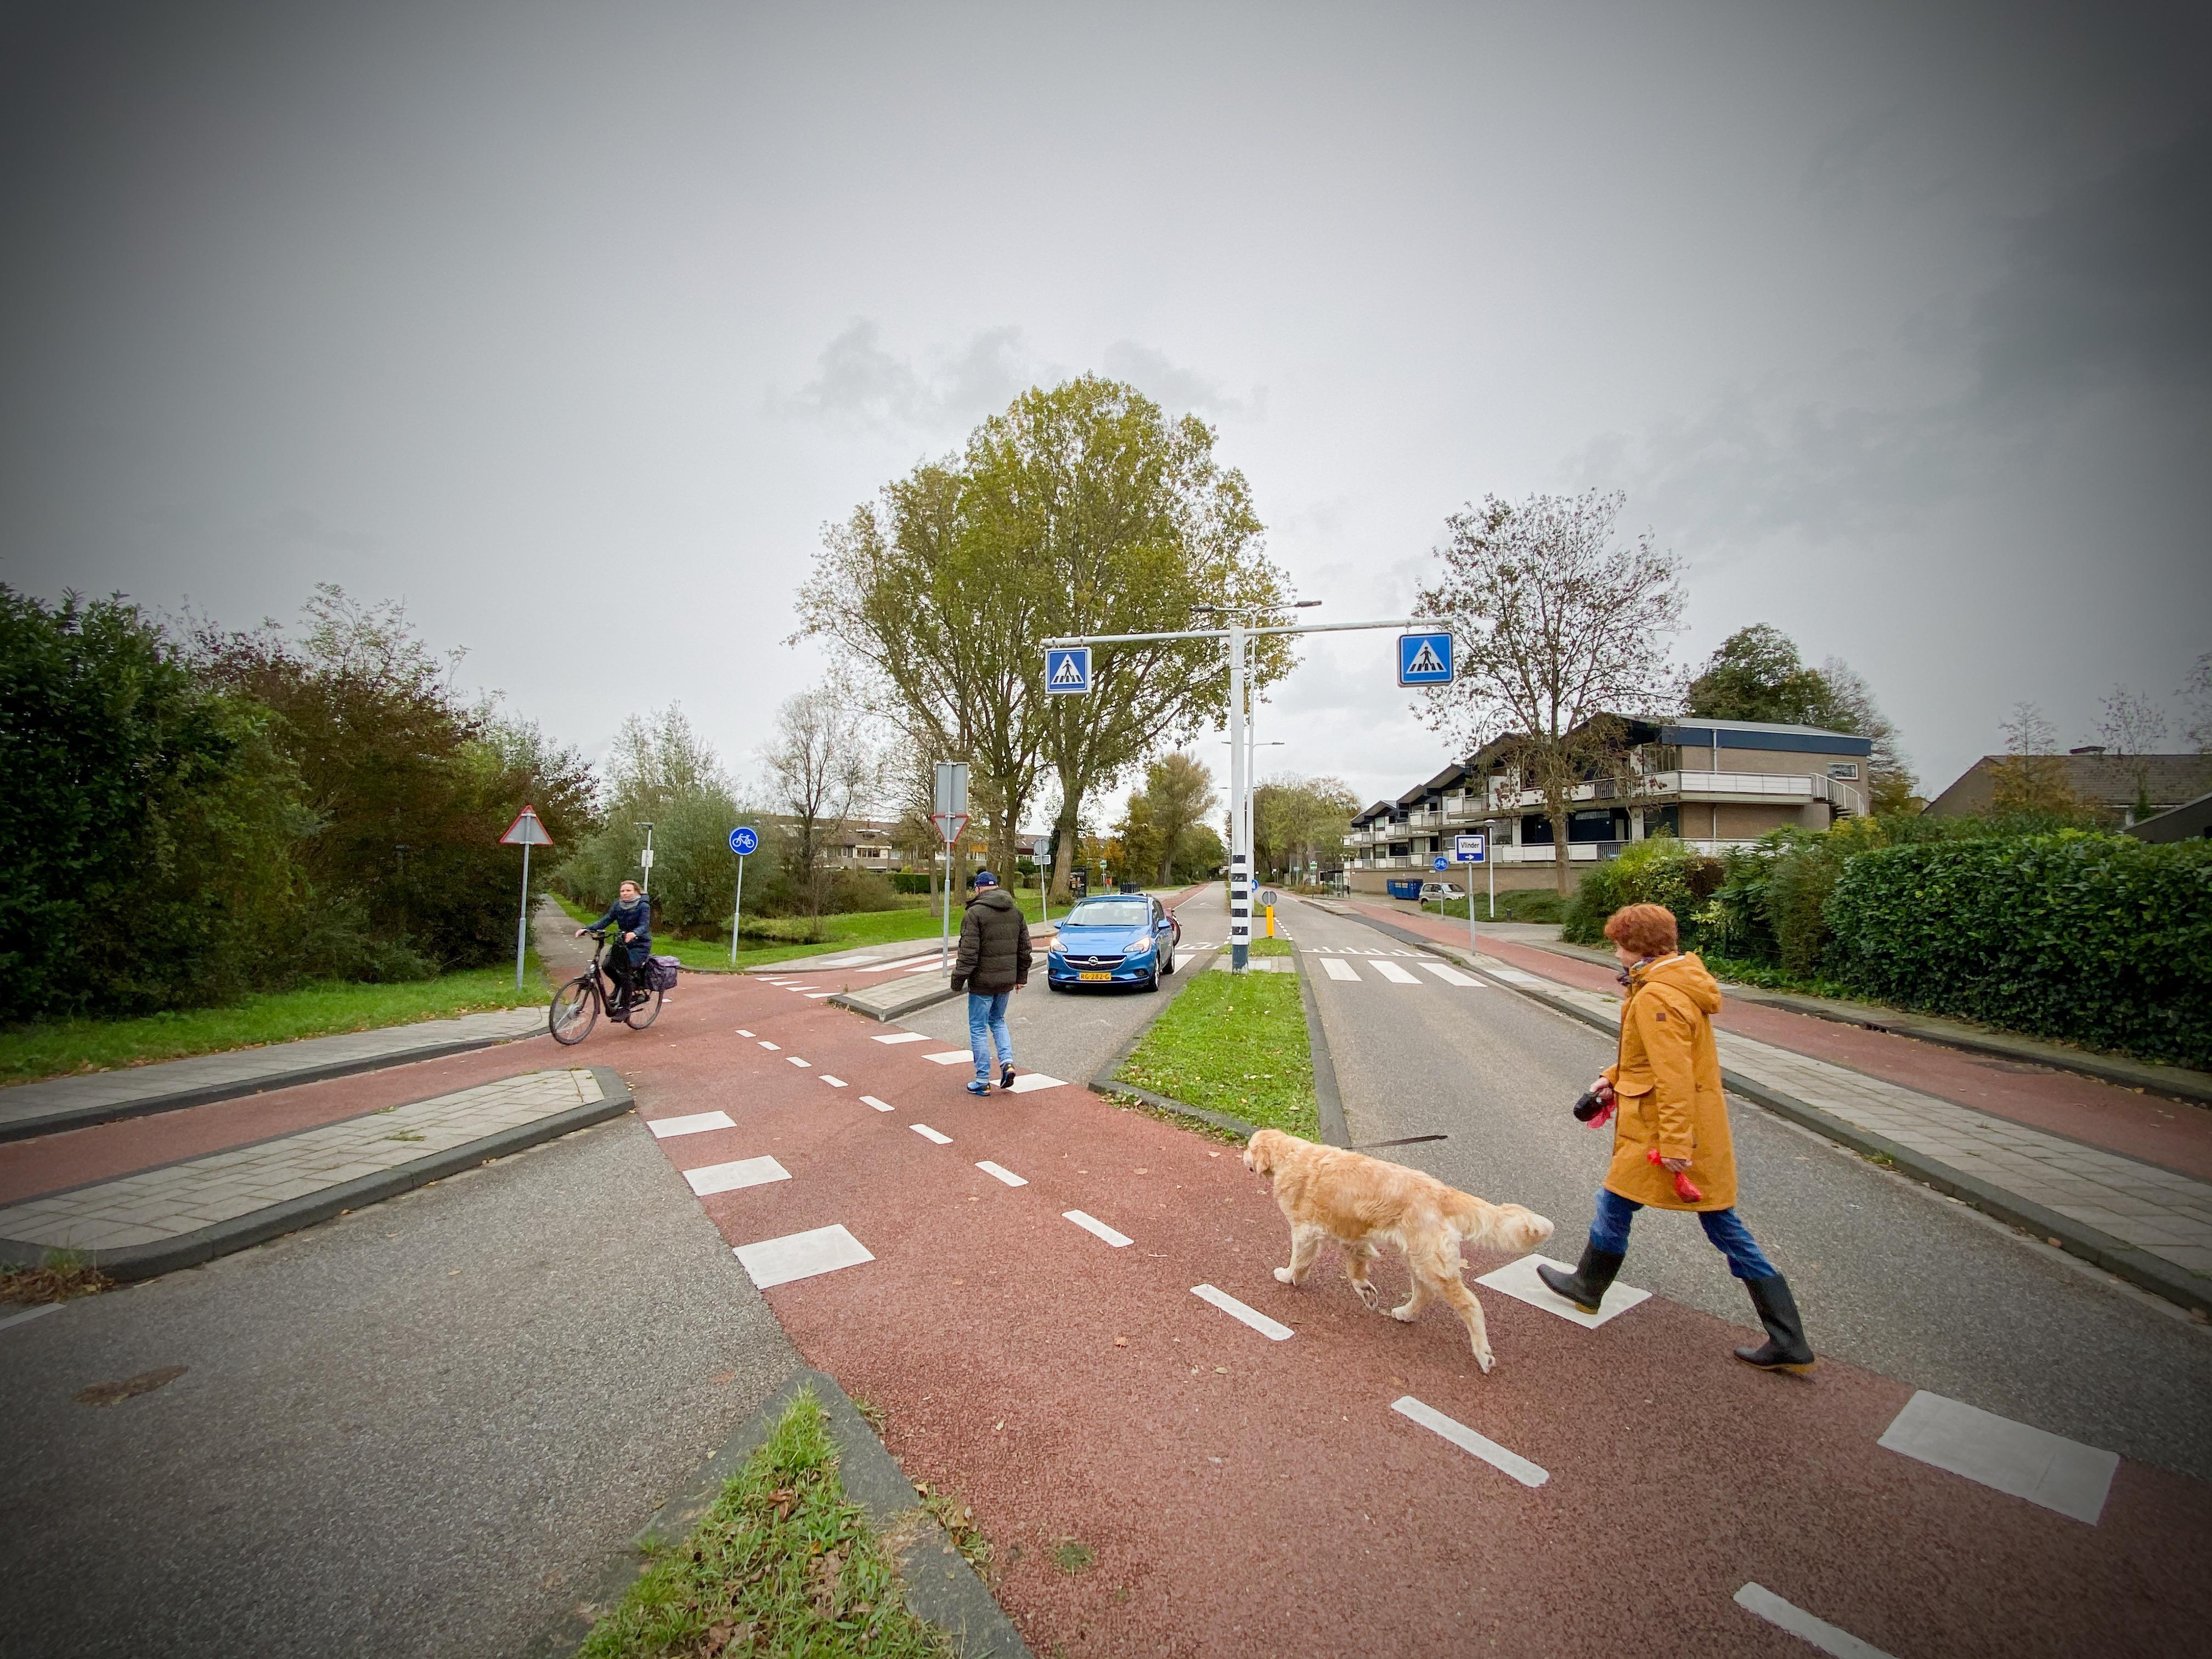 Wijk en belangenclubs betreuren Leidse keuze 'voor verkeershufter' bij kruising Broekweg/Veluwemeerlaan